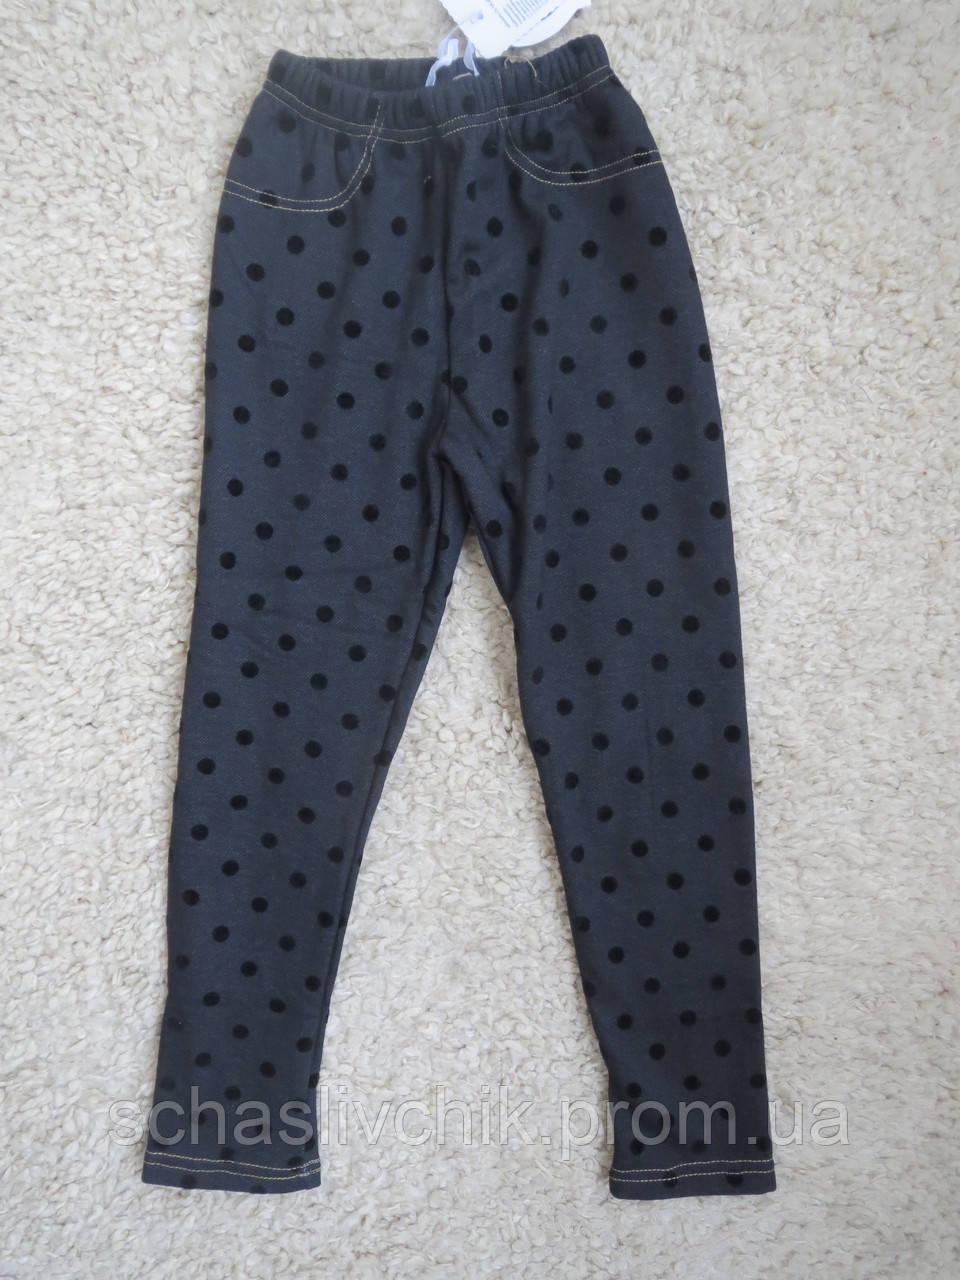 Зимние джинсовые лосины на флисе для девочек с Венгрии оптом , размер 116-146, фирма Childhood